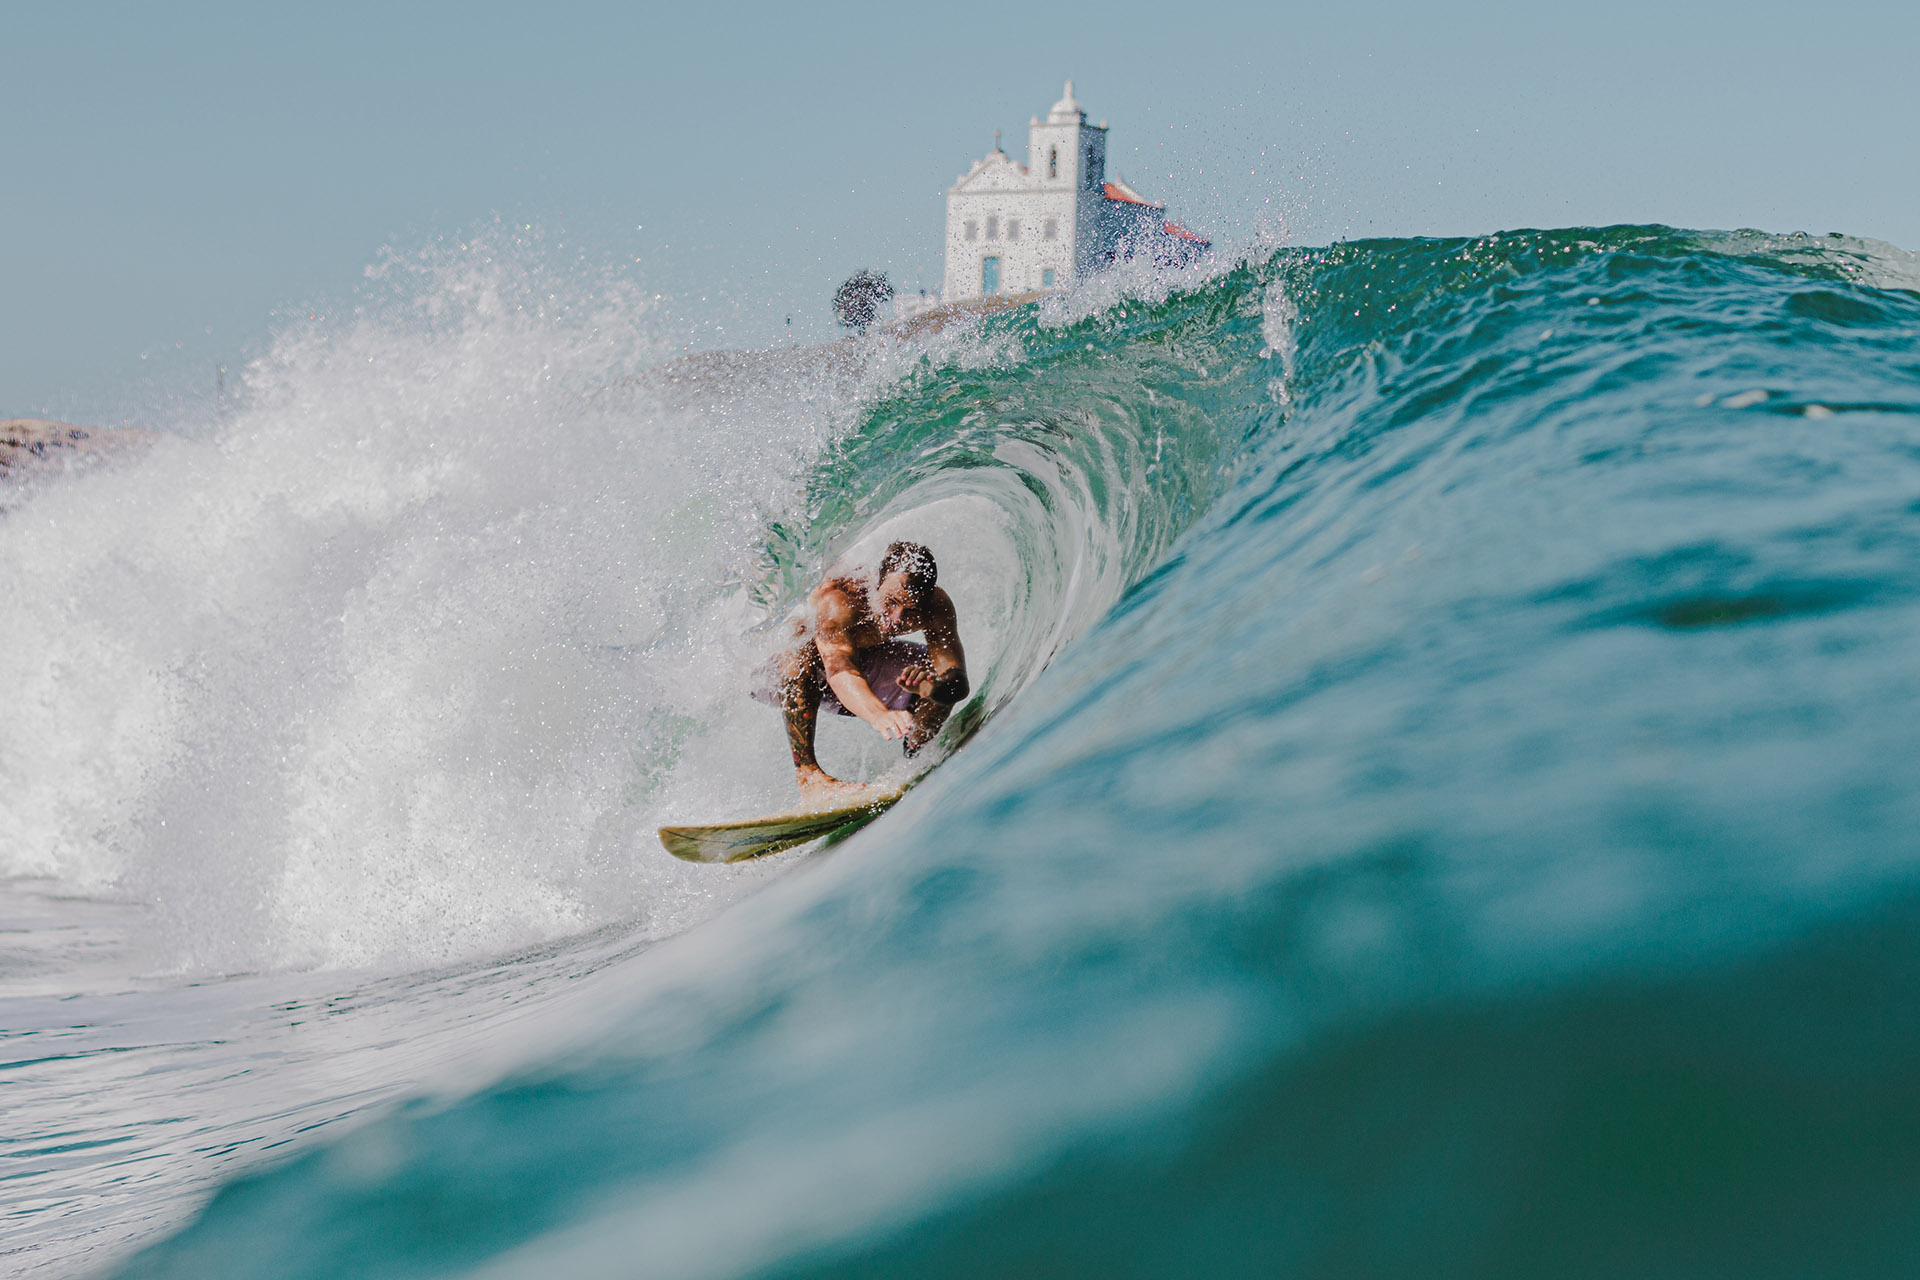 melhores fotos de surf de julho